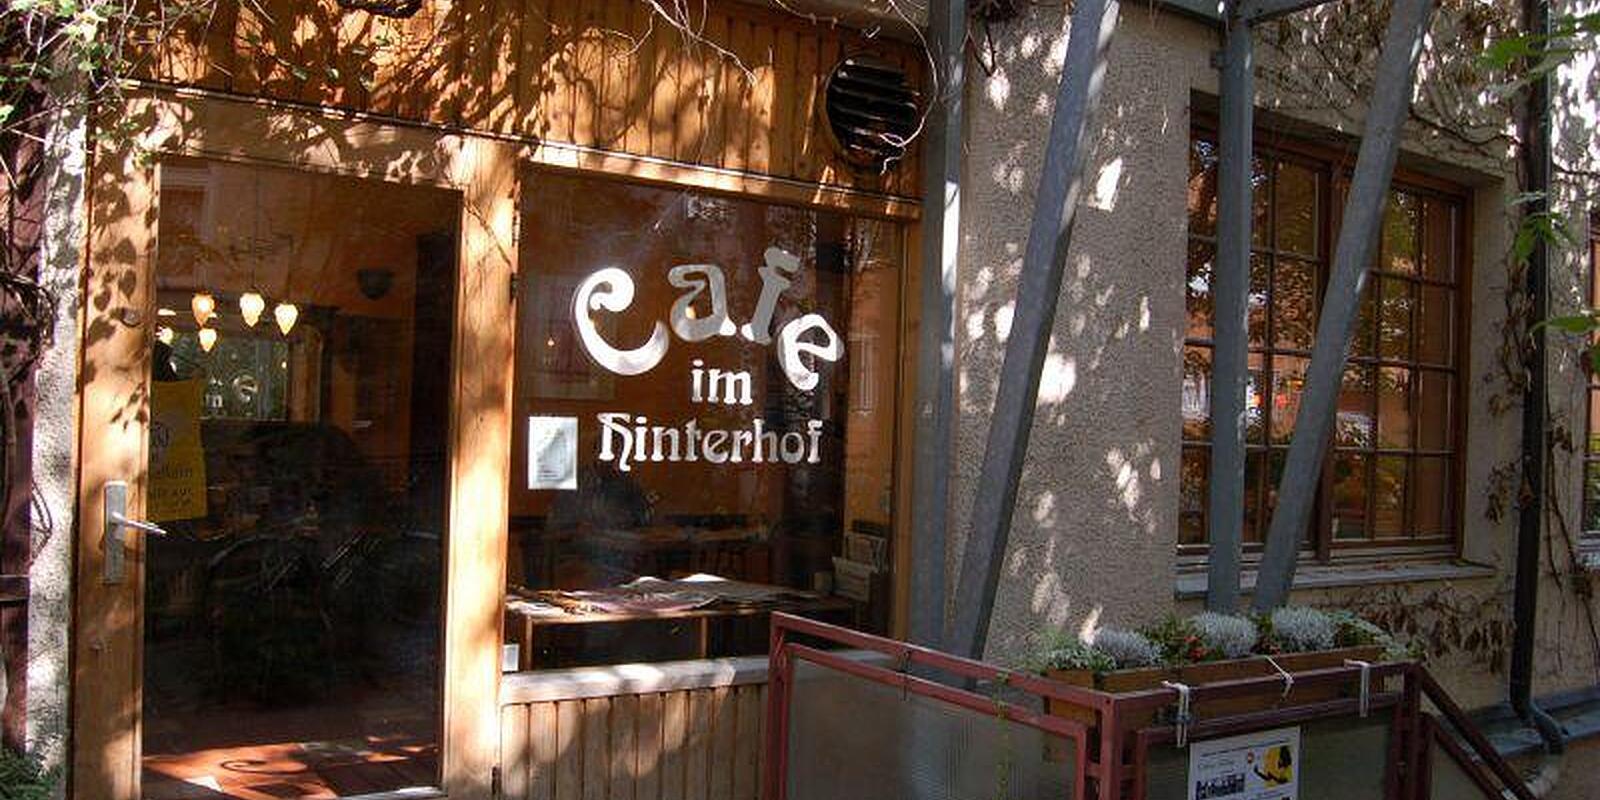 Cafe Im Hinterhof Sedanstr Haidhausen Munchen Cafe